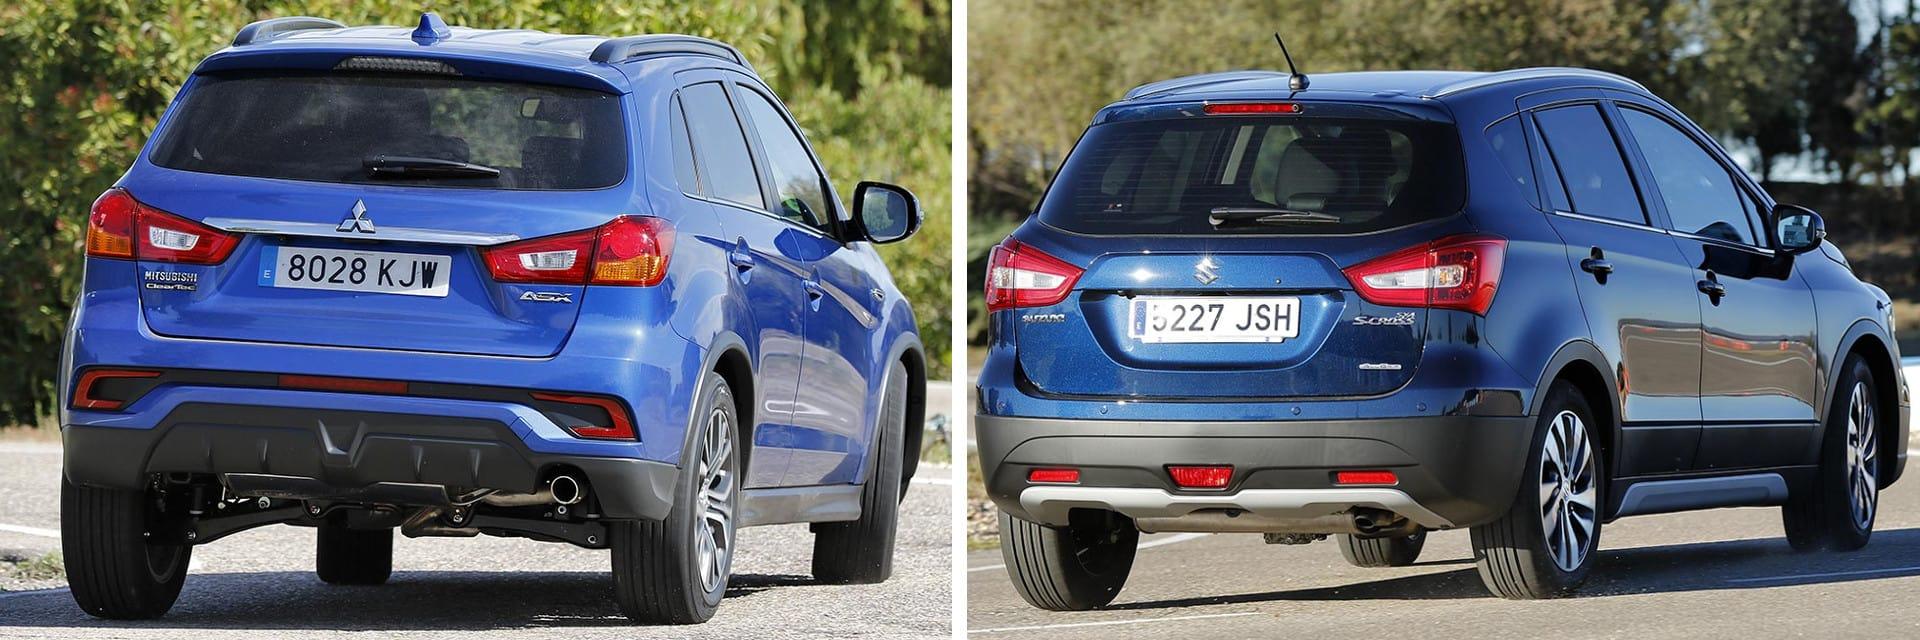 El Suzuki S-Cross (dcha.) tiene un consumo más bajo que el del Mitsubishi ASX (izq.), es más ágil y acelera más.